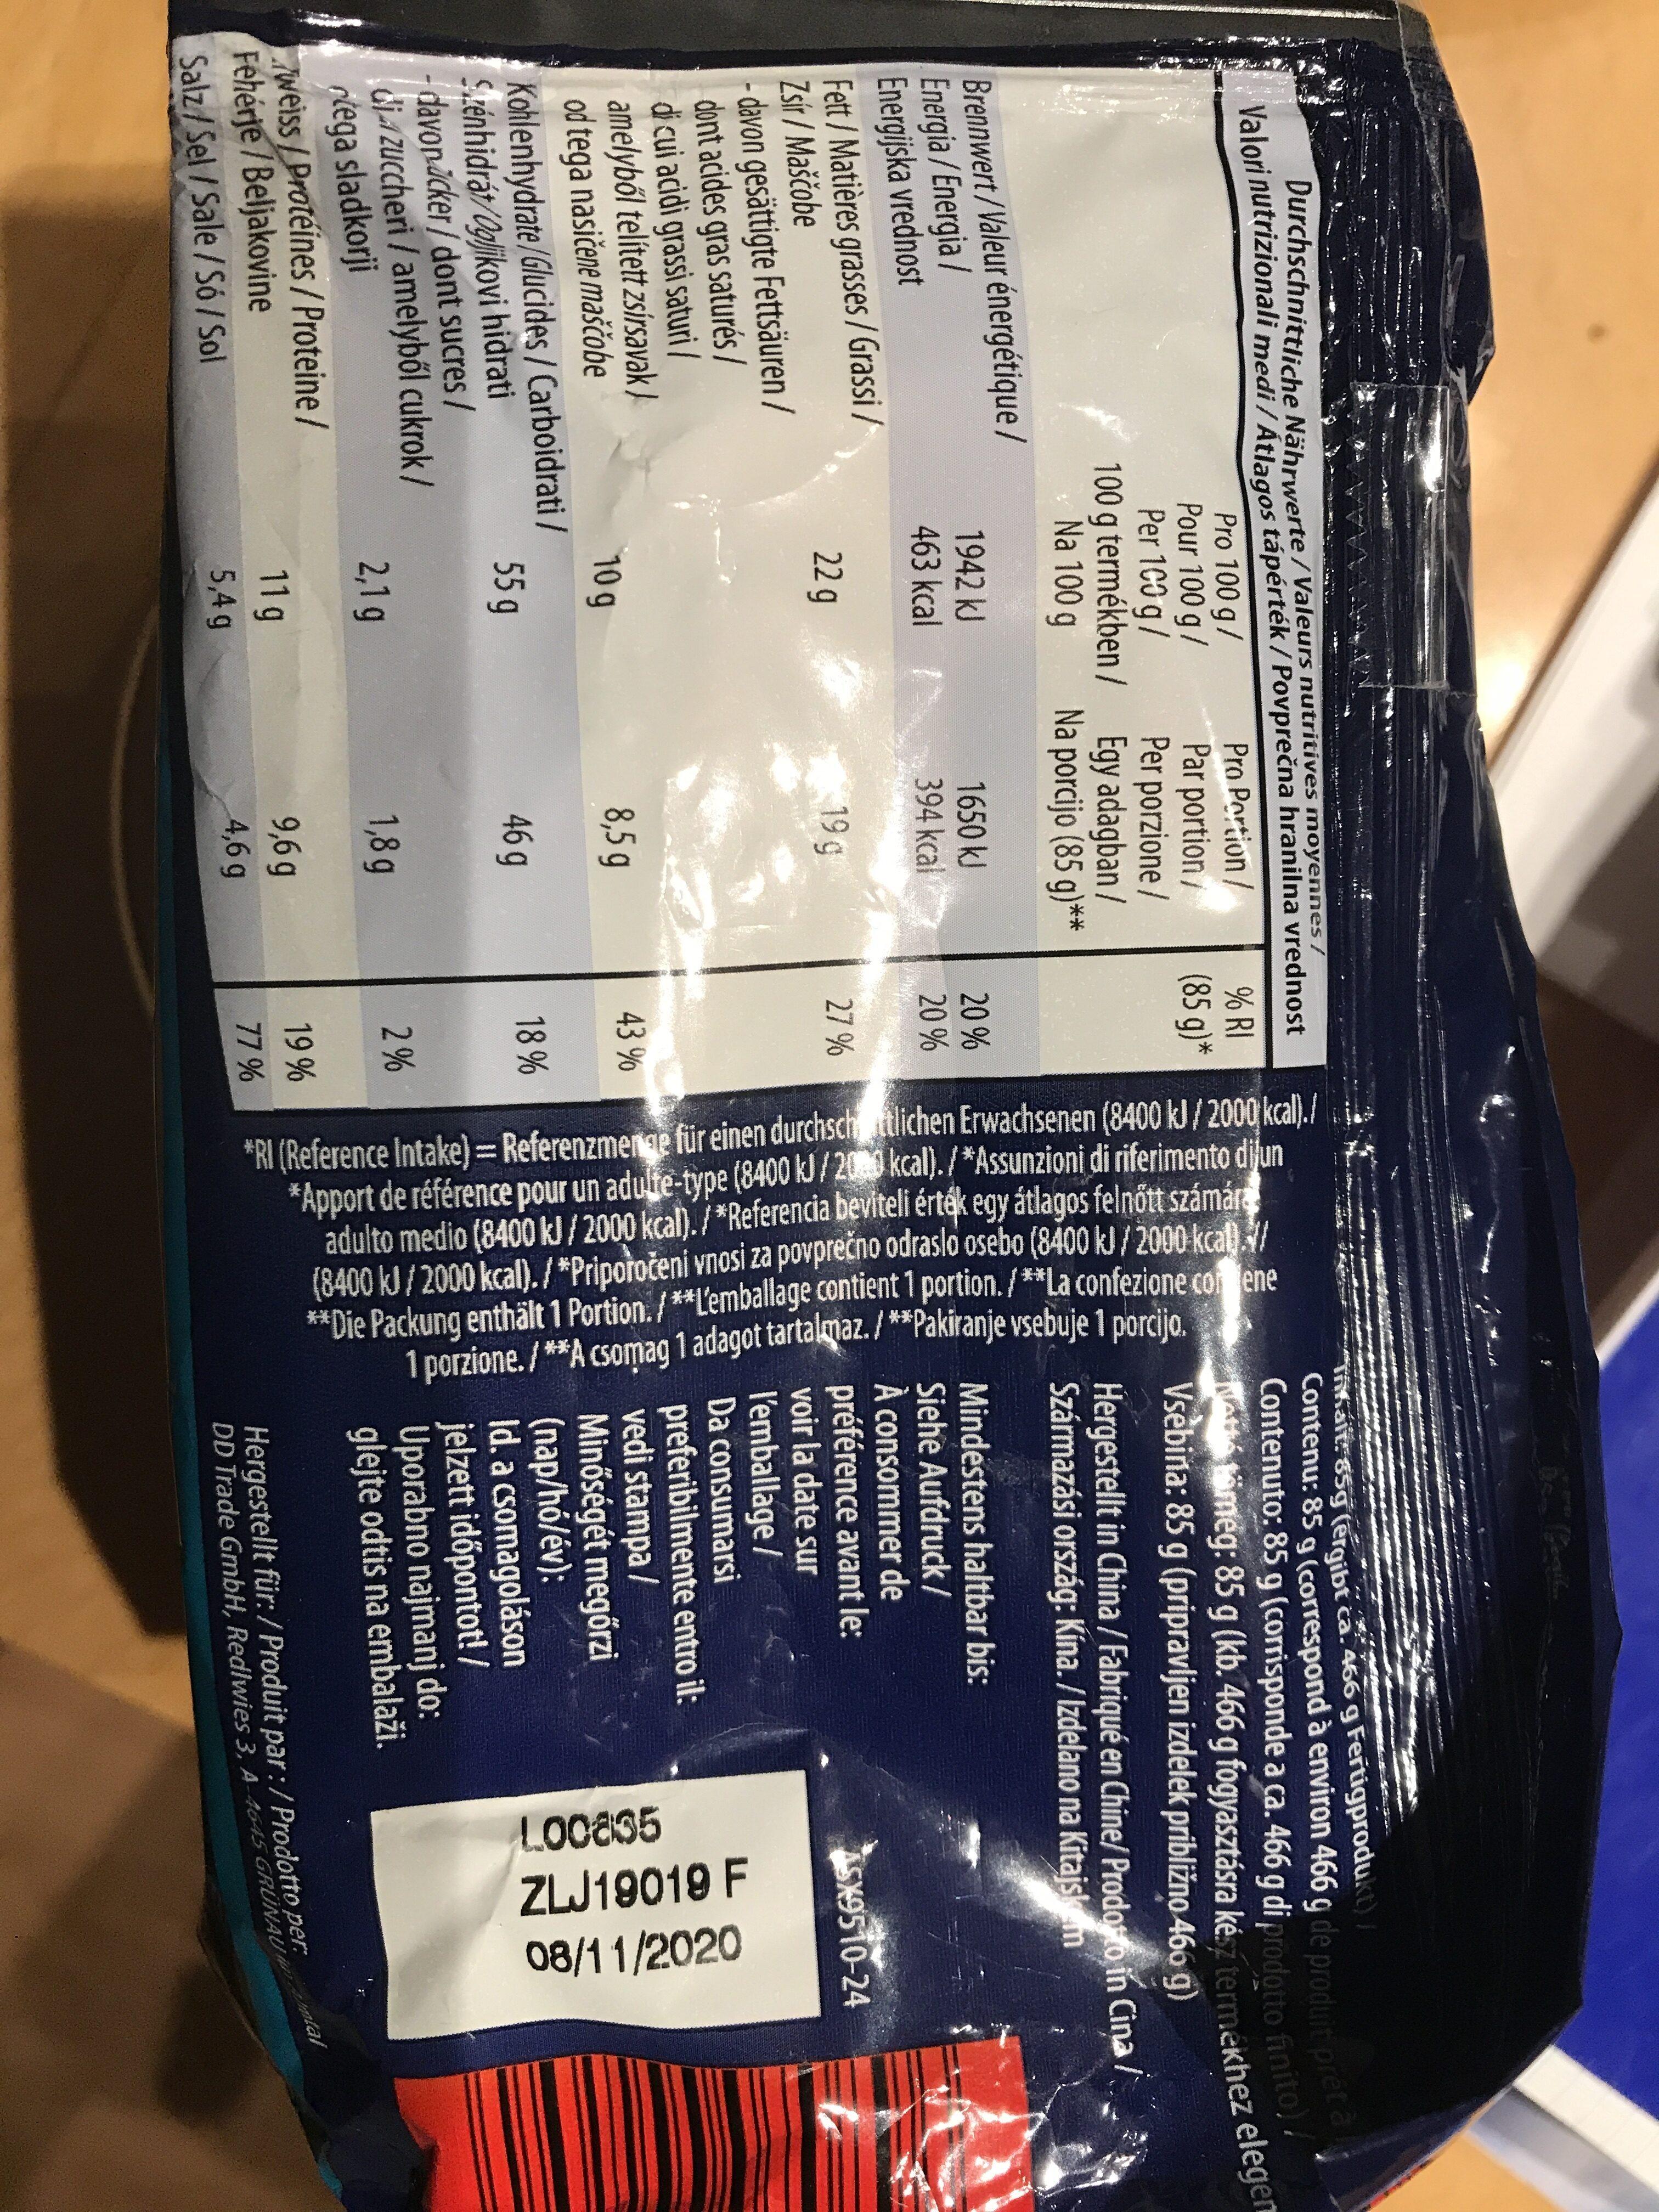 ASIA Instant Nudeln - Valori nutrizionali - de